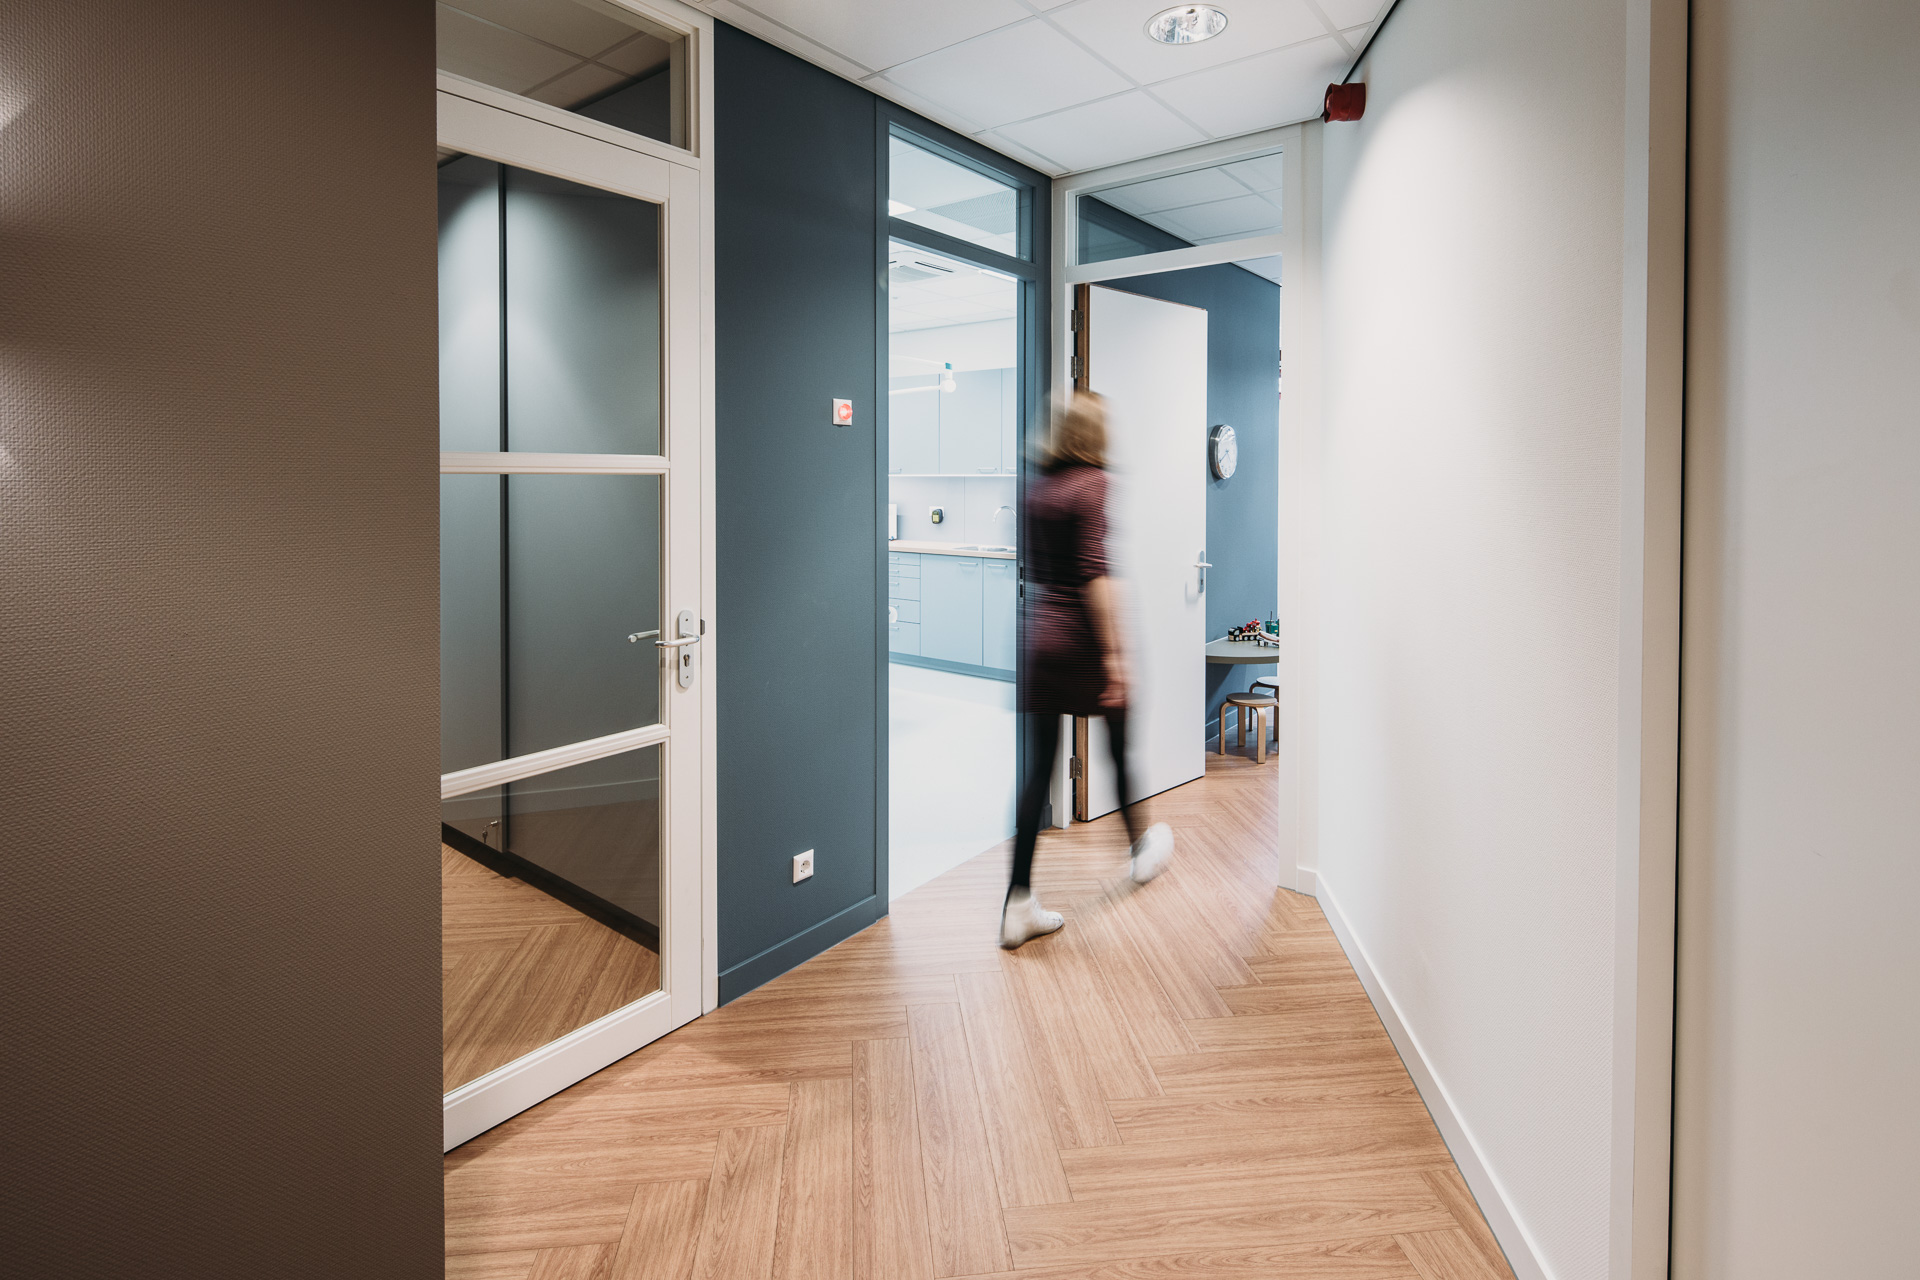 Groepspraktijk stolwijk - Eind 2016 werd deze nieuwe huisartsenpraktijk met apotheek in Stolwijk opgeleverd. Door de aangebrachte scheiding tussen de 'drukke patiëntenzone' en 'rustige werkzone', met de wachtruimte als schakel, is een prettige werkomgeving voor de medewerkers ontstaan.